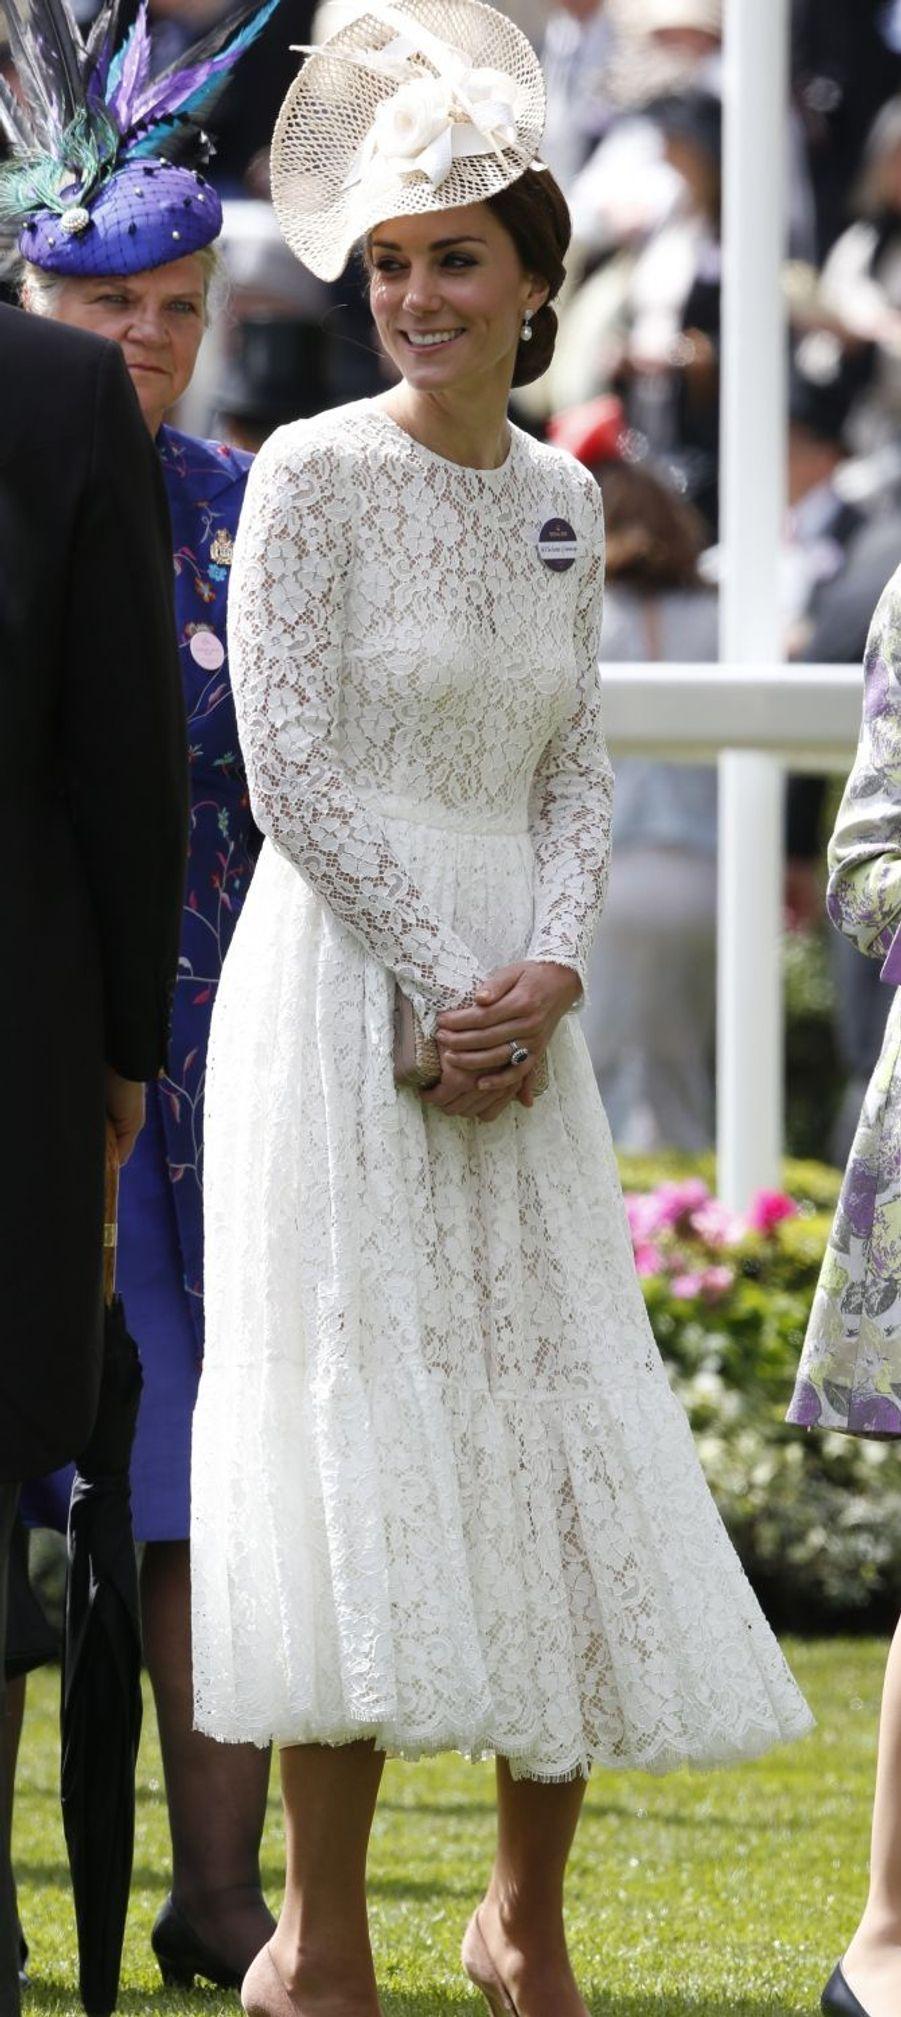 La duchesse de Cambridge, née Kate Middleton, en Dolce & Gabbana au Royal Ascot le 15 juin 2016